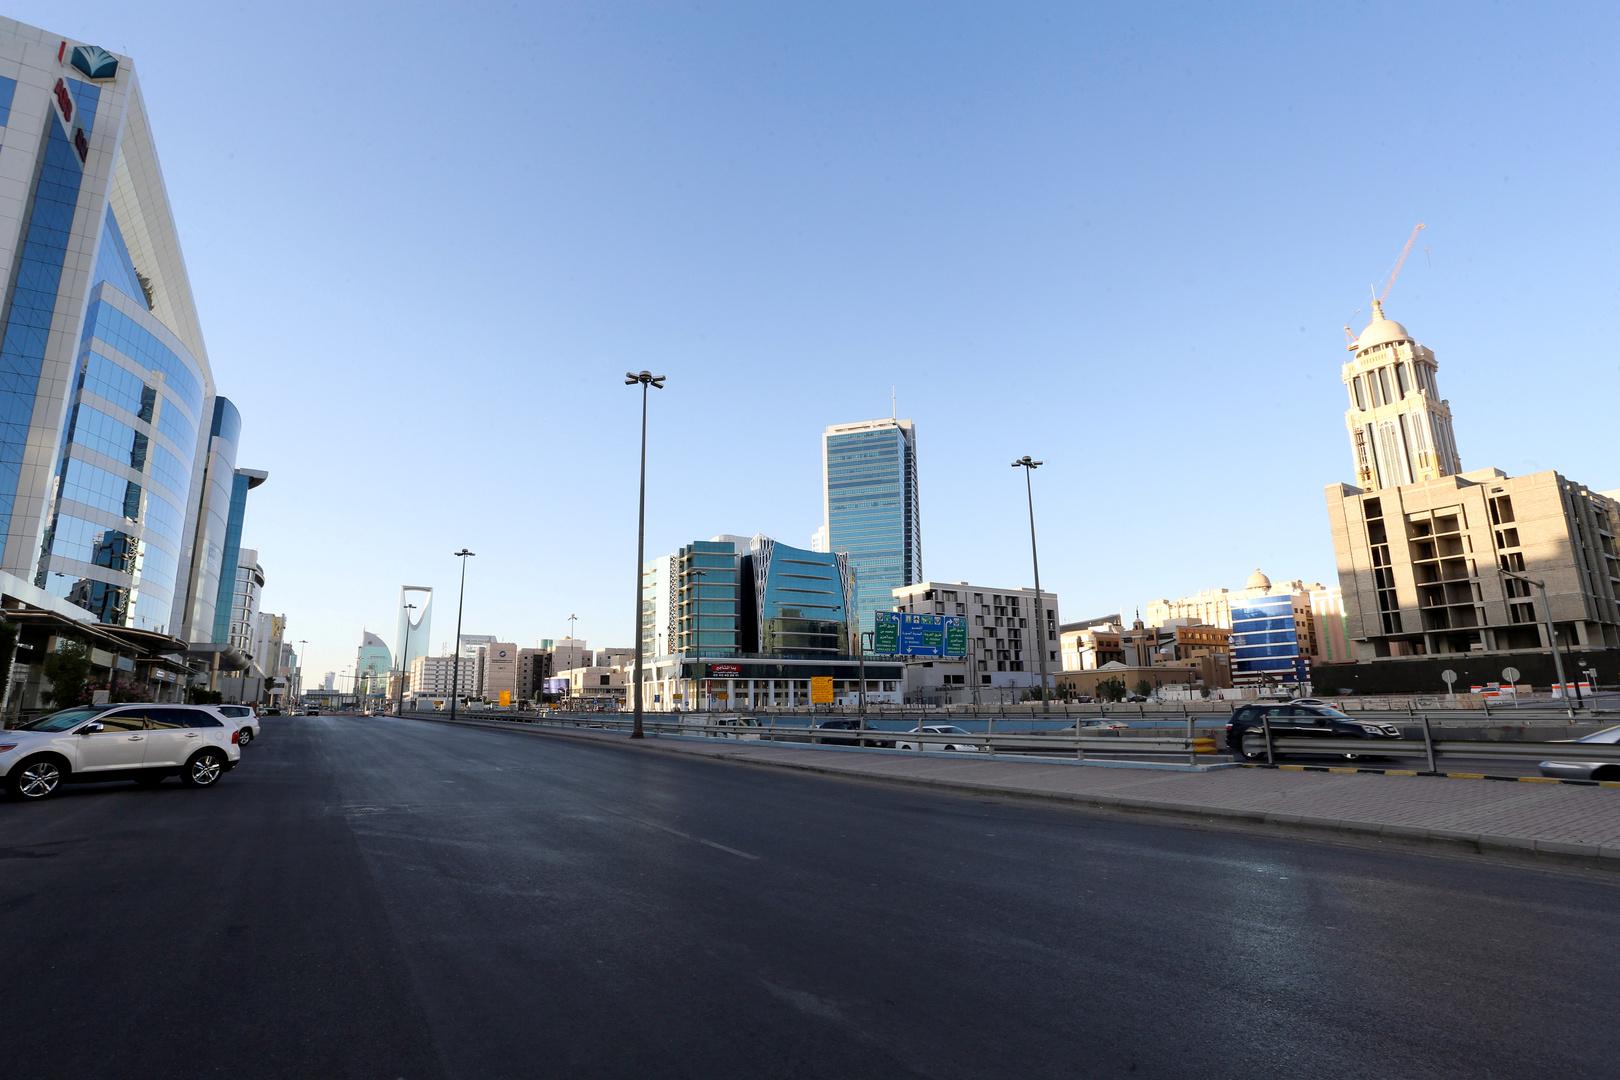 كورونا في السعودية.. ارتفاع في الوفيات وانخفاض لليوم السادس في الإصابات الجديدة